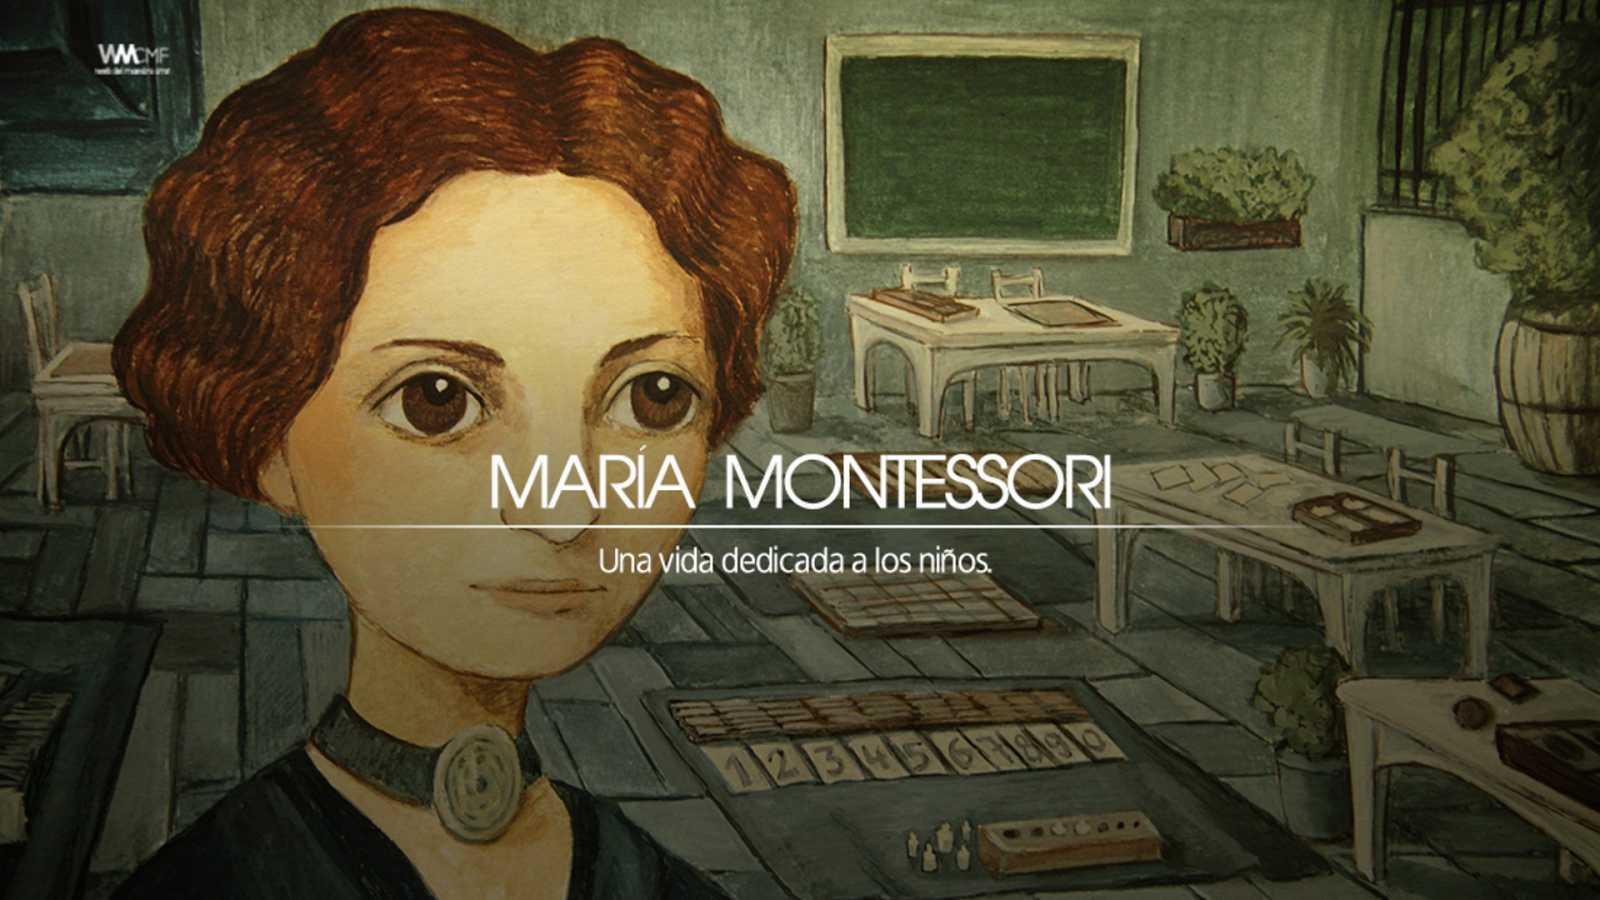 Artesfera en Radio 5 - Libro María Montessori - 16/08/20 - Escuchar ahora